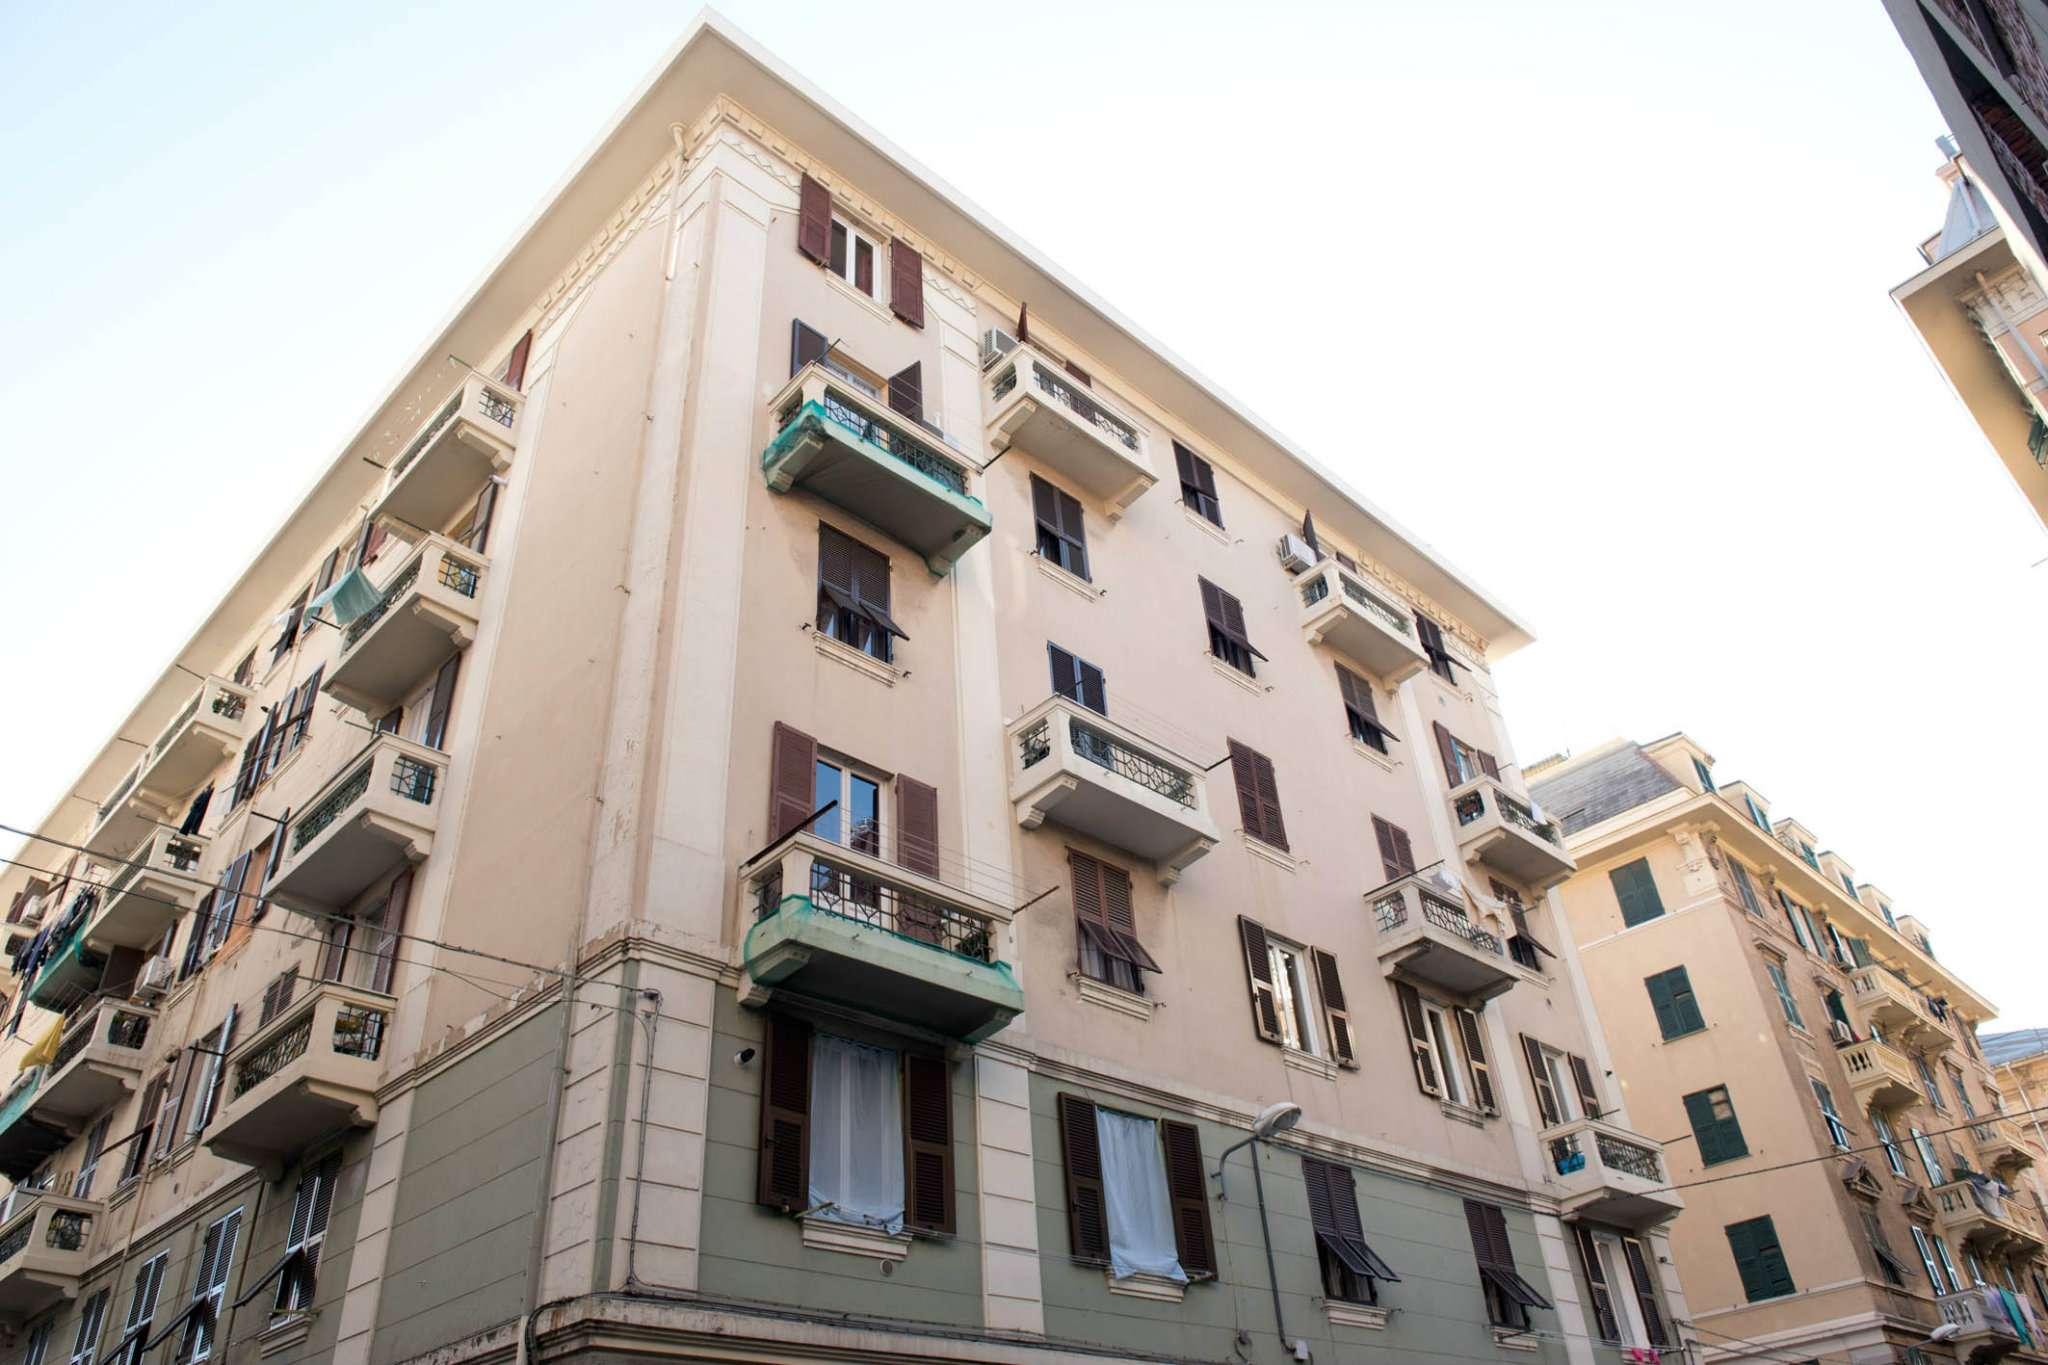 Foto 1 di Trilocale via Bellini, Genova (zona Cornigliano)